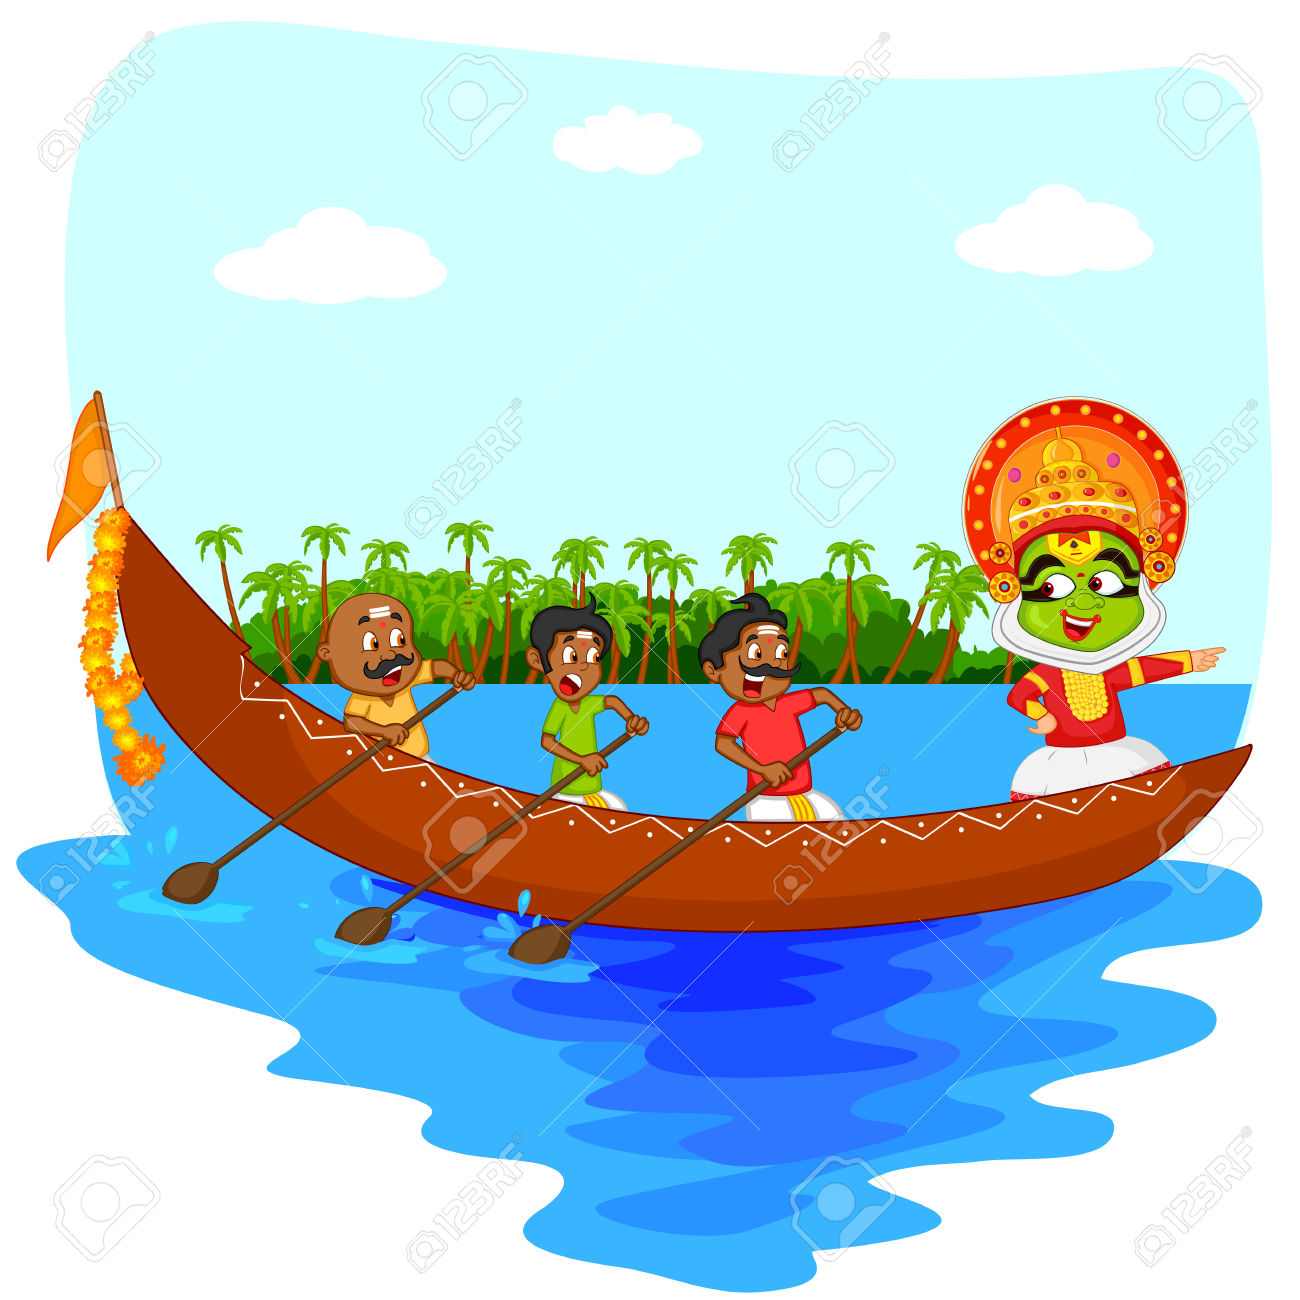 555 Kerala Cliparts, Stock Vector And Royalty Free Kerala.